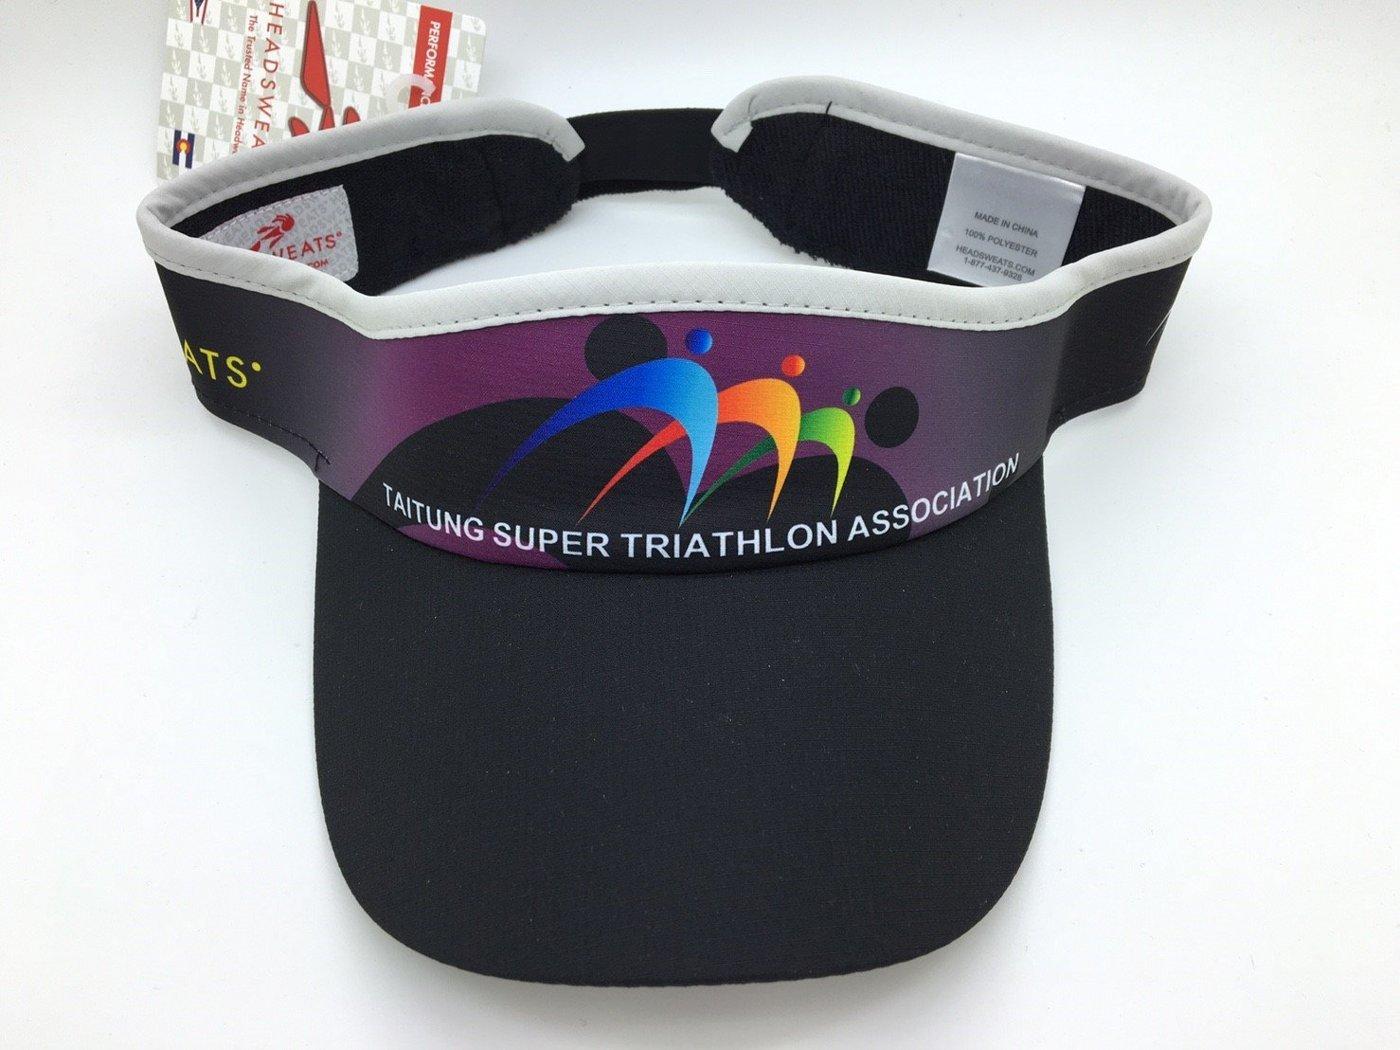 騎跑泳者-HEADSWEATS 汗淂 中空帽 2016 台東超級鐵人三項賽 113公里 半程超鐵 完賽紀念帽